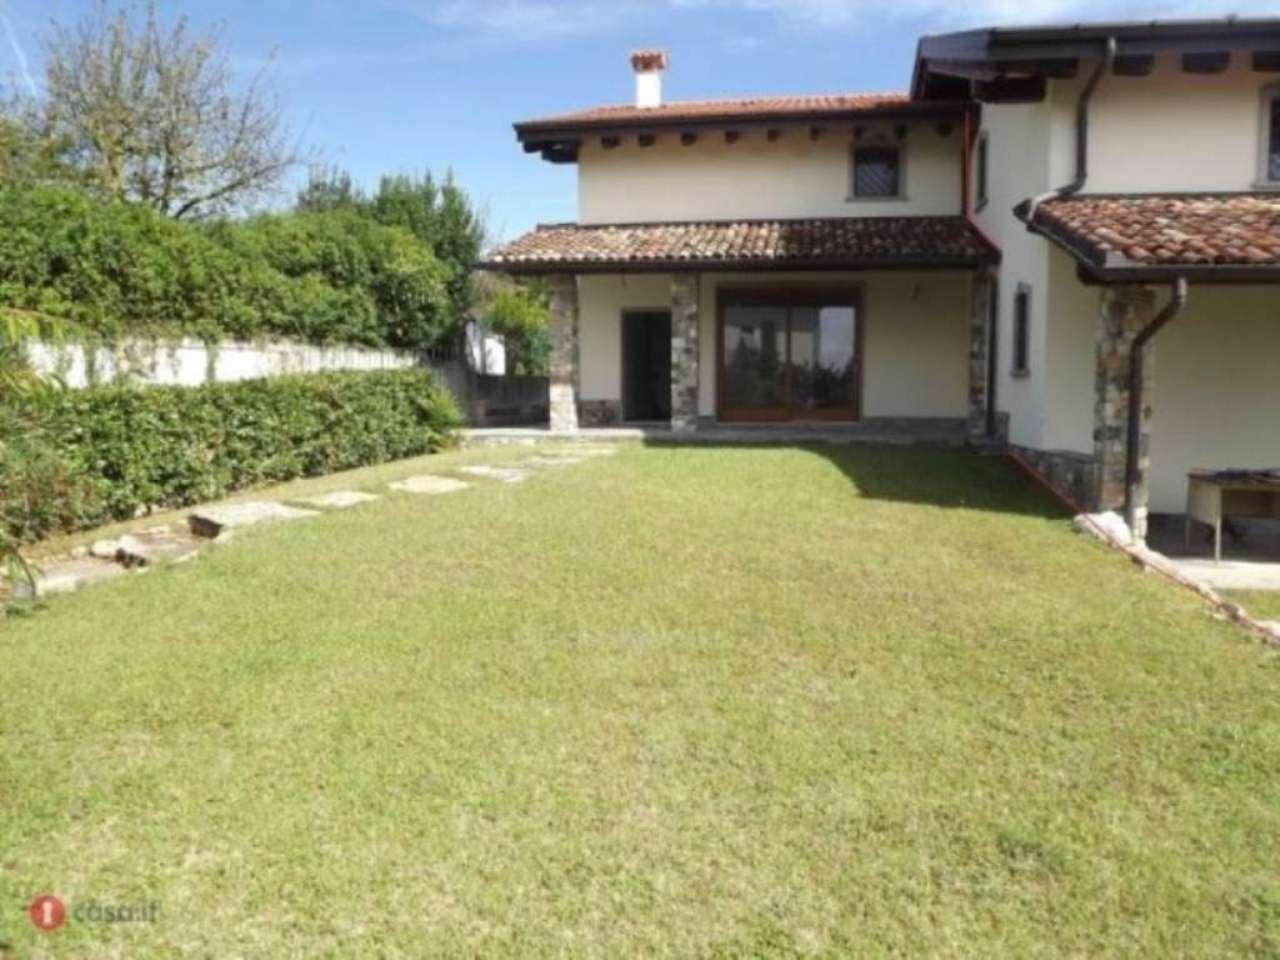 Villa in vendita a Casciago, 6 locali, prezzo € 490.000 | Cambio Casa.it